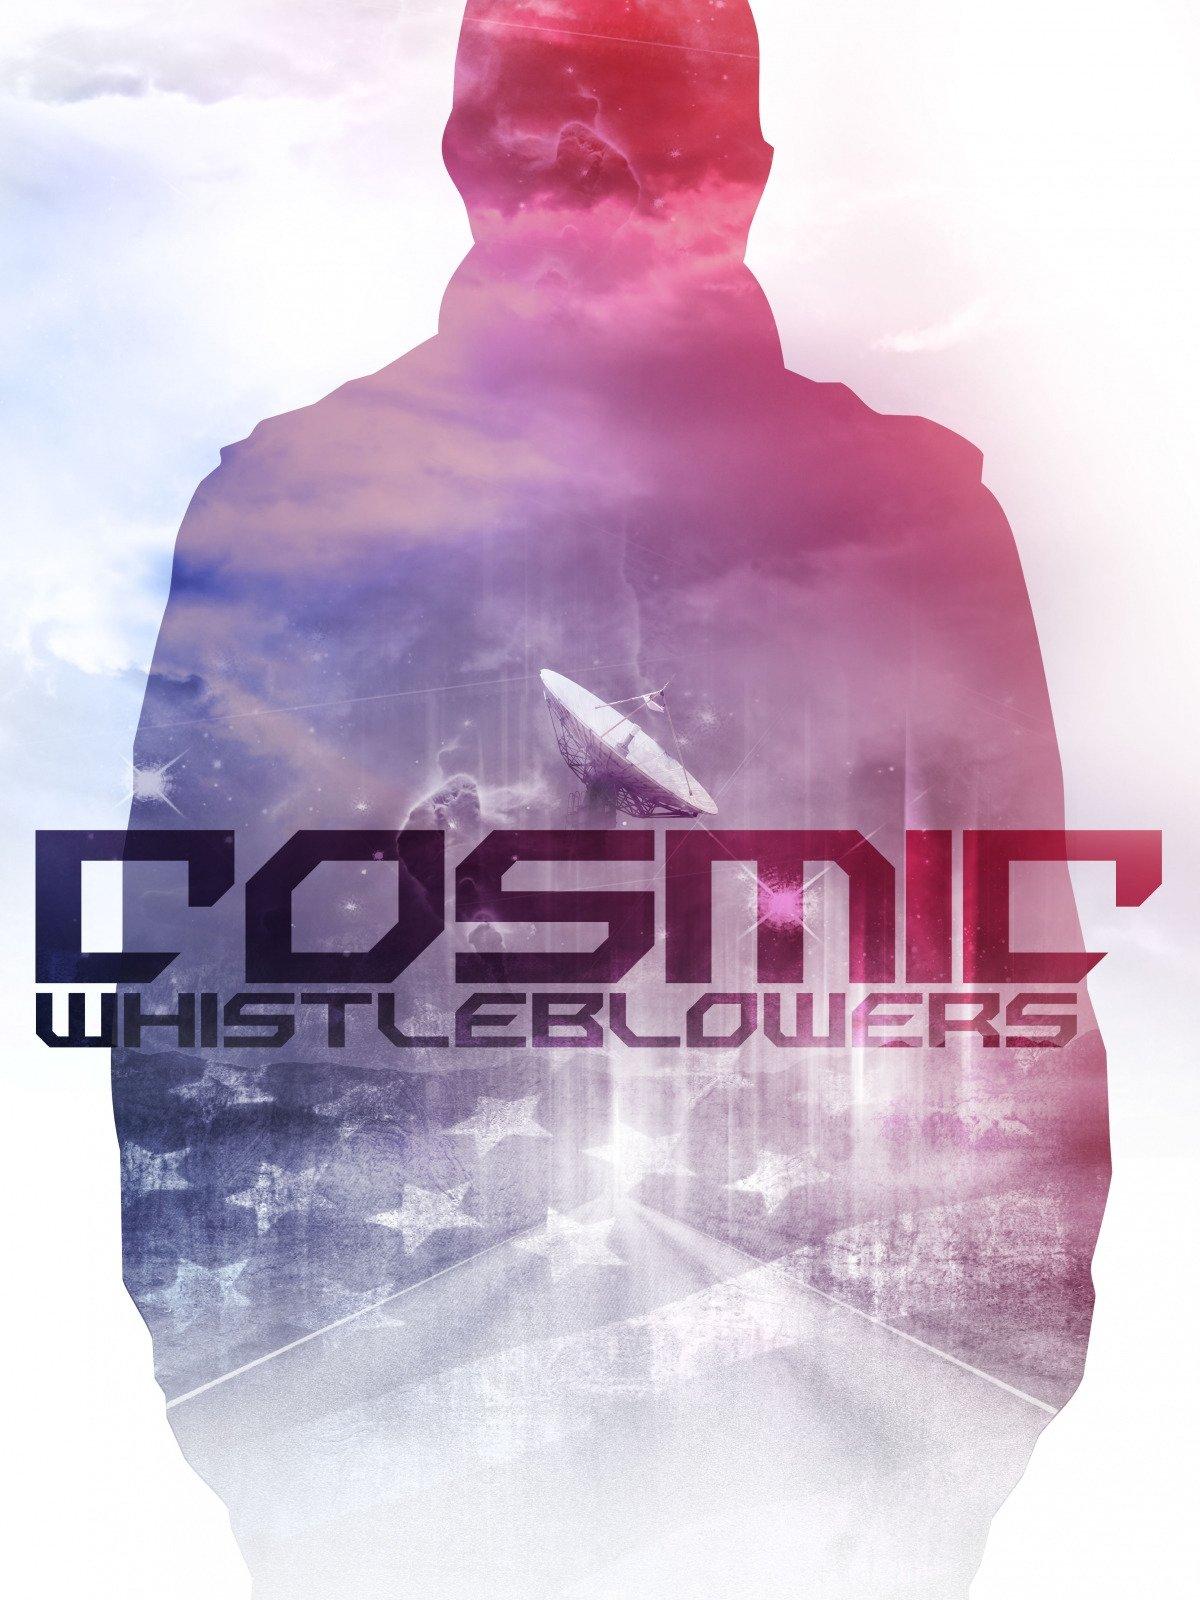 Cosmic Whistleblowers